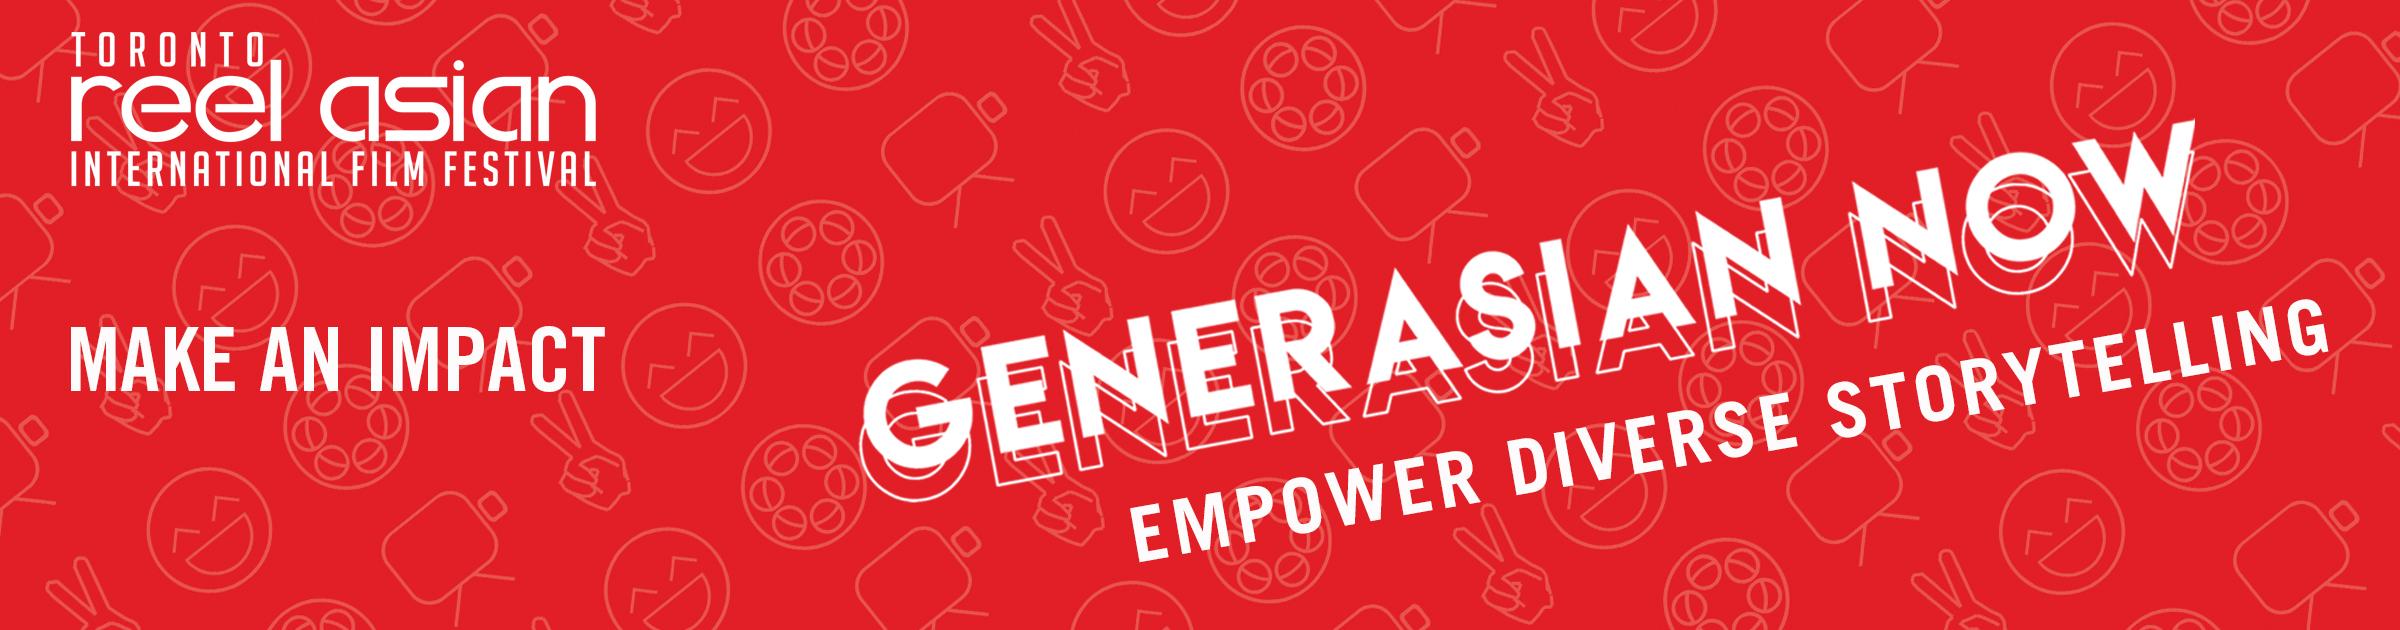 GenerasianNow_webslider